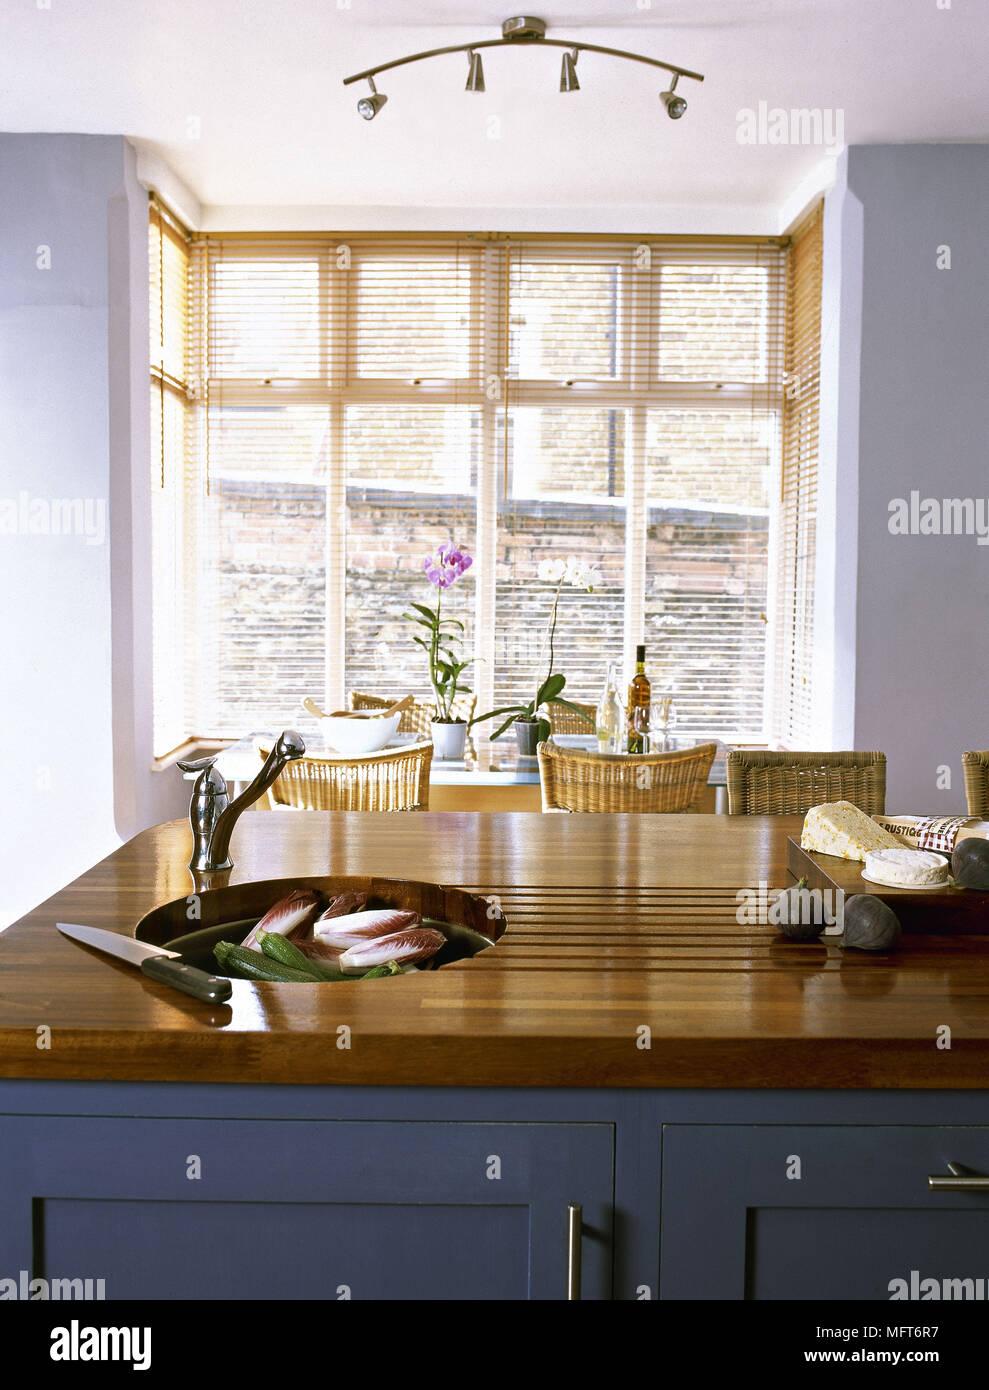 Schön Kücheninsel Einheiten Fotos - Küche Set Ideen - deriherusweets ...